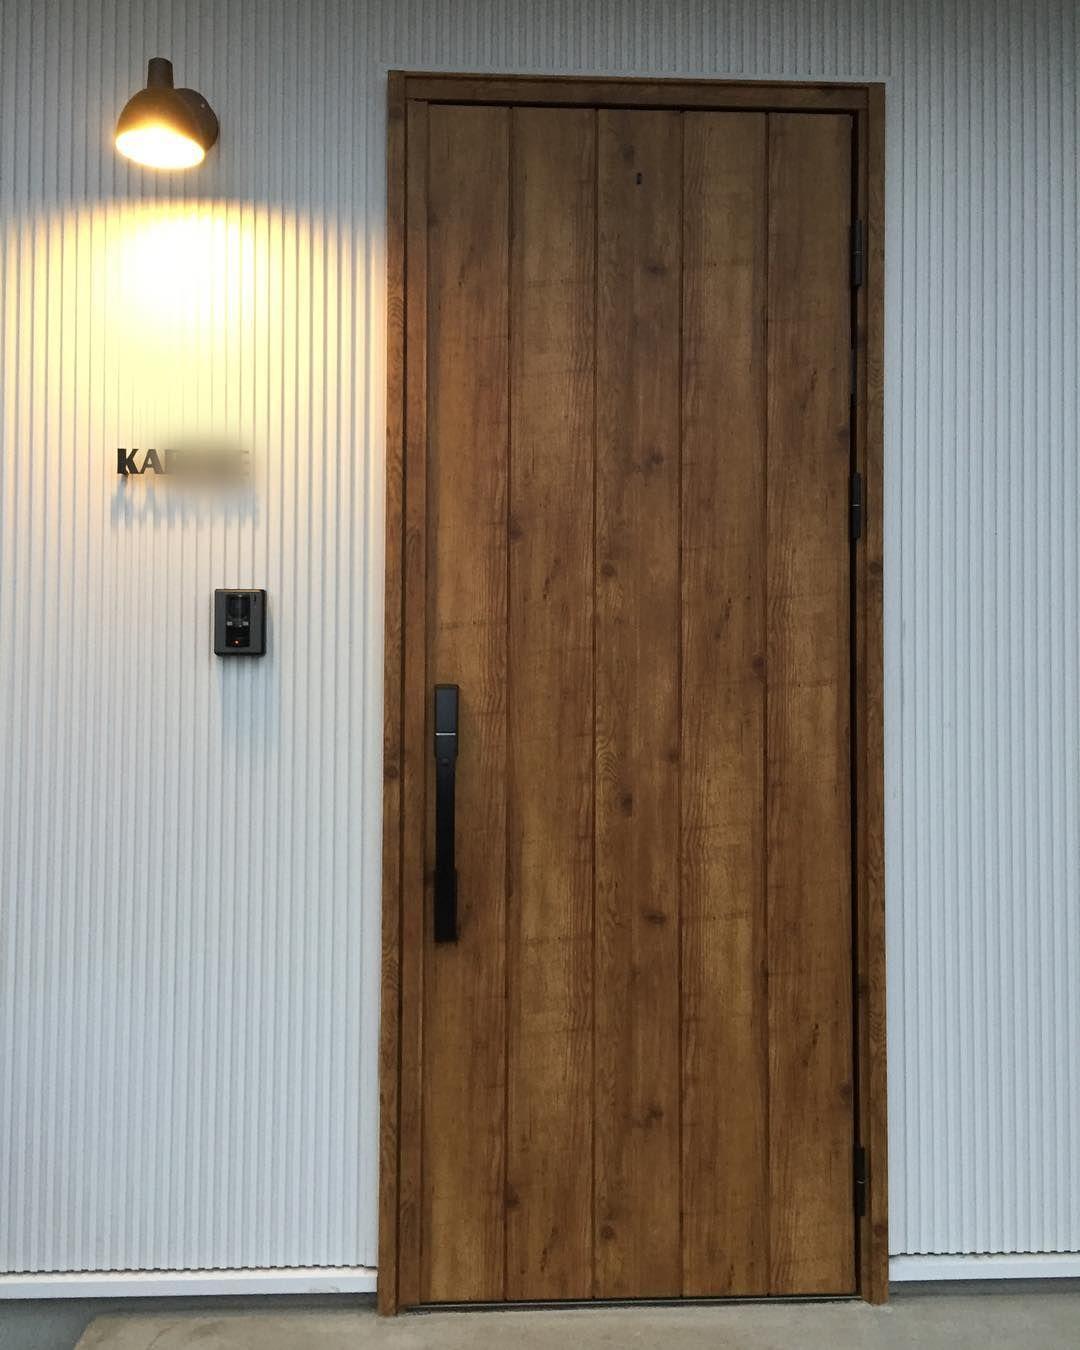 Home Decor おしゃれまとめの人気アイデア Pinterest Lualy 2020 現代的な玄関ドア ドア 玄関